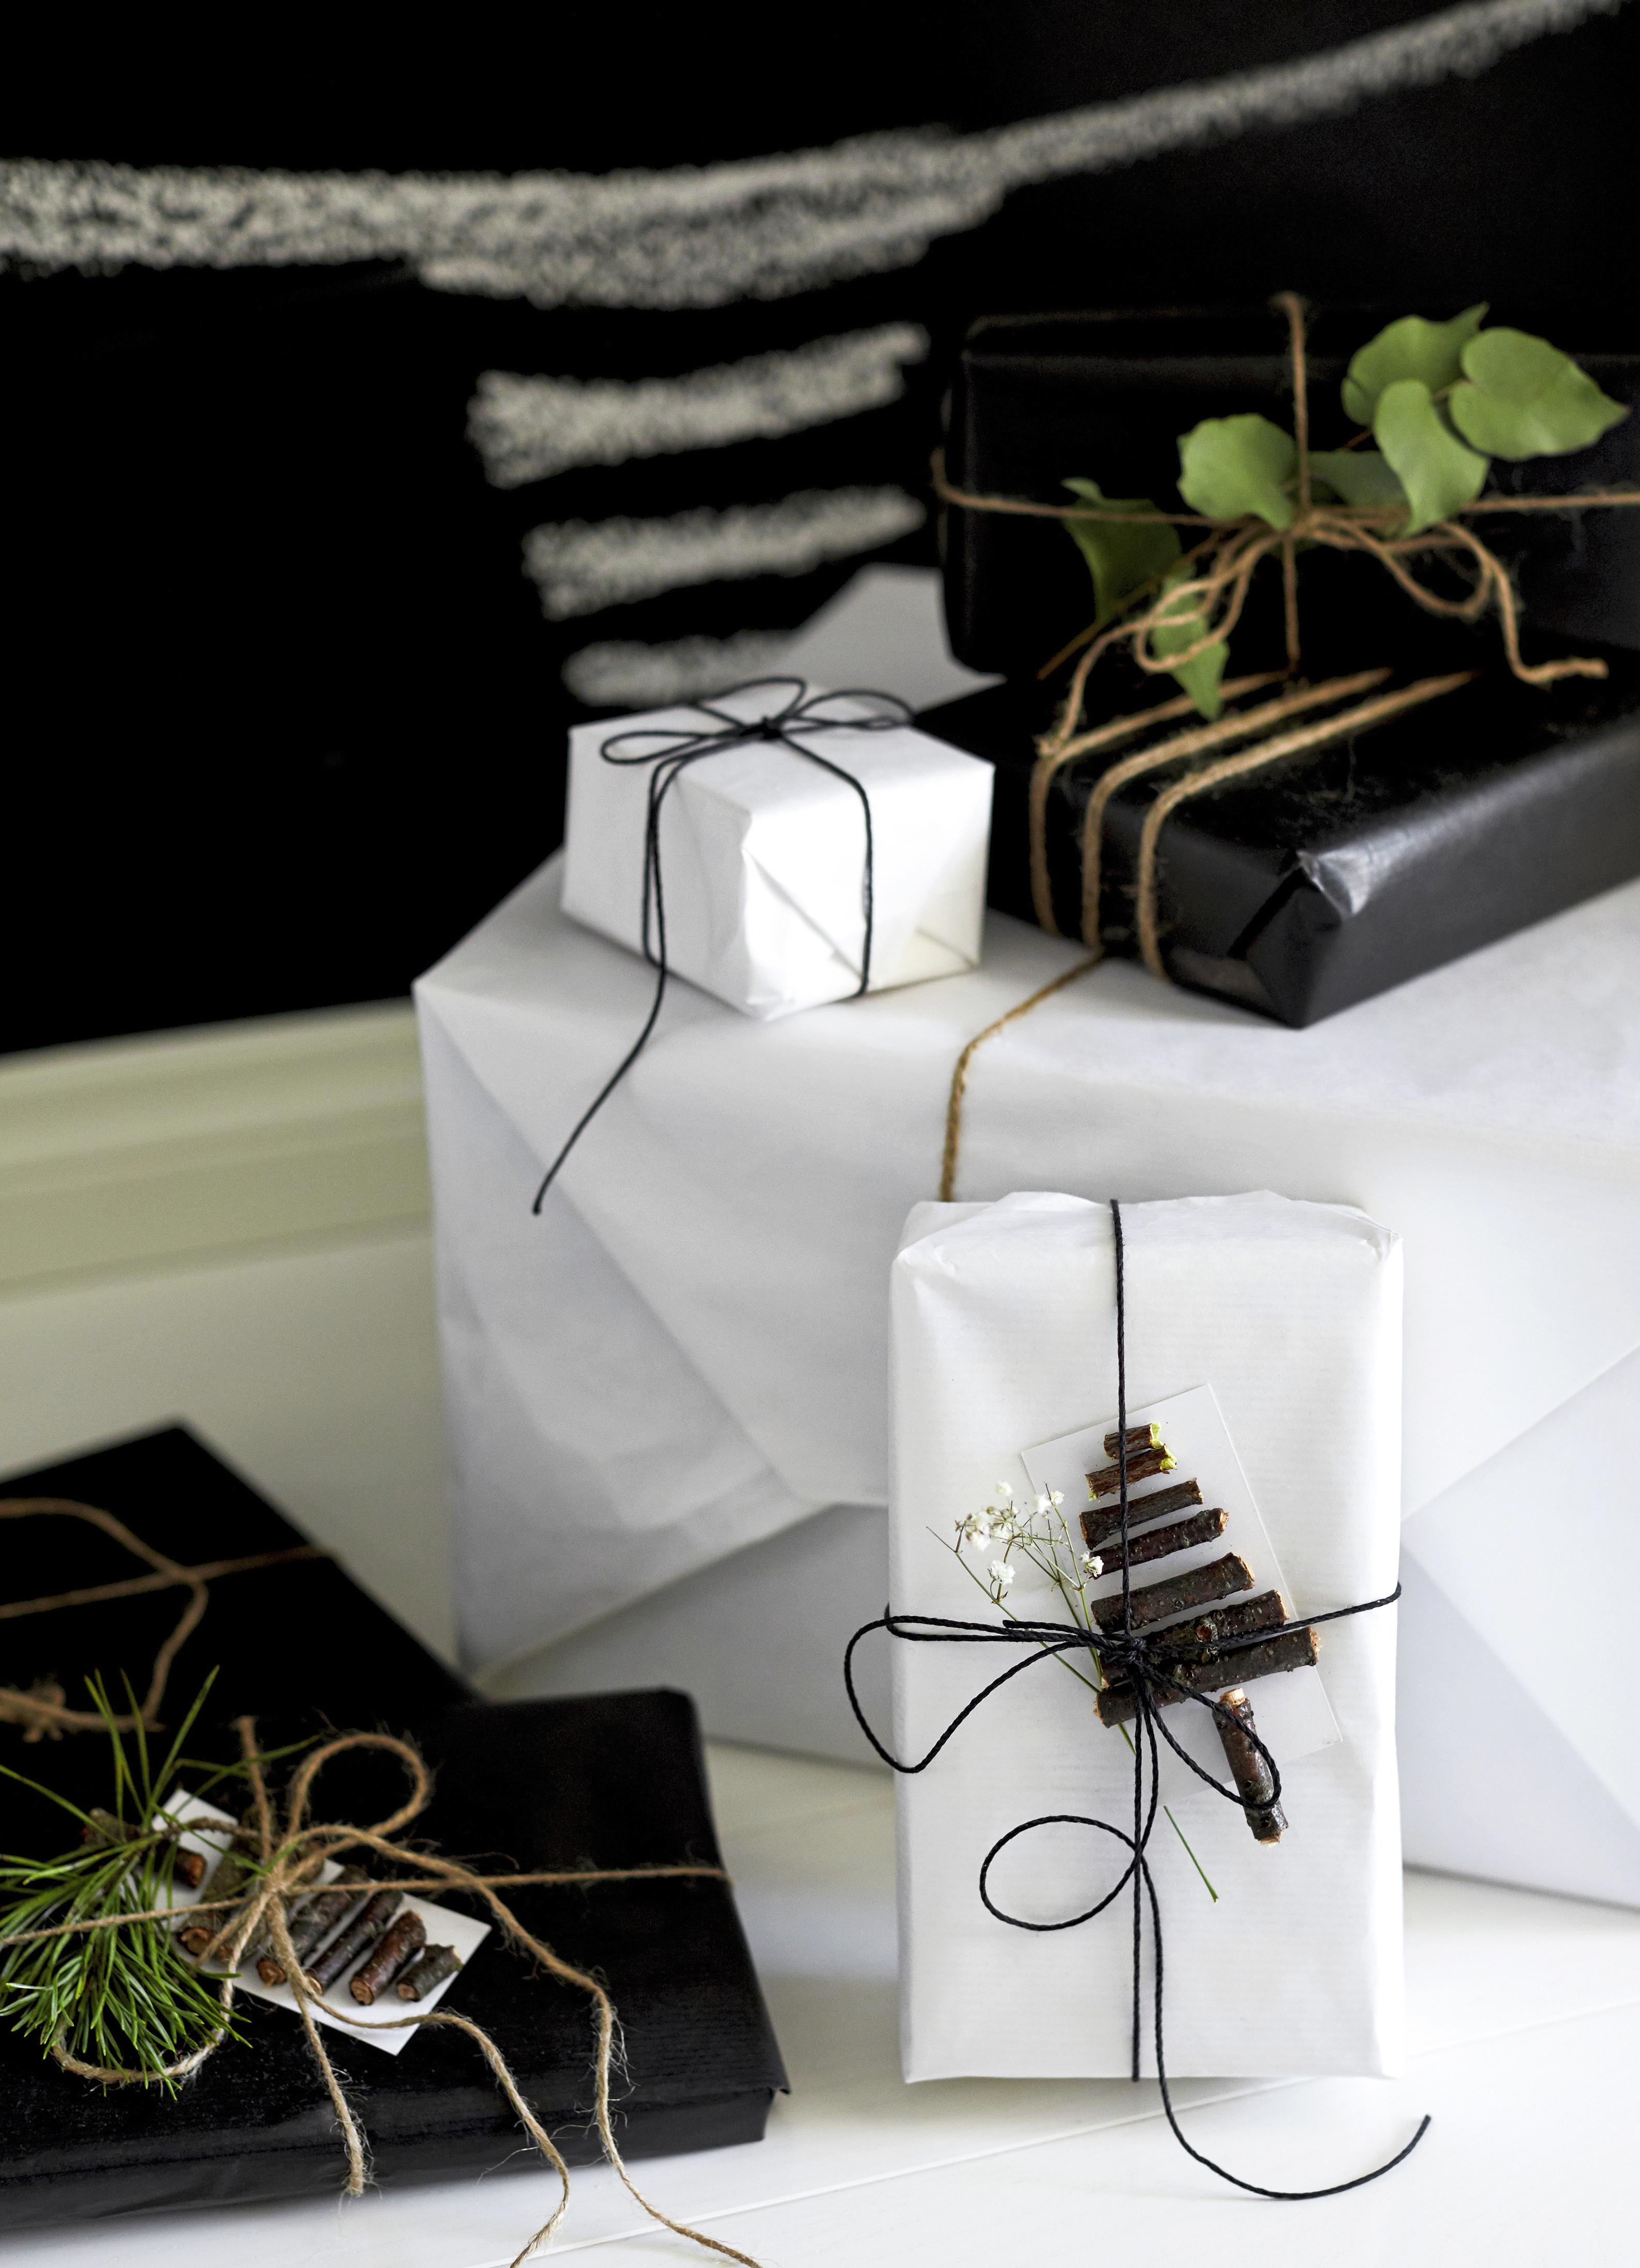 Simppelien pakettien katseenvangitsijoina toimivat veikeät kuusikortit, jotka on aksarreltu oksanpätkistä. Vihreät havunoksat tuovat paketteihin ihanaa joulufiilistä!